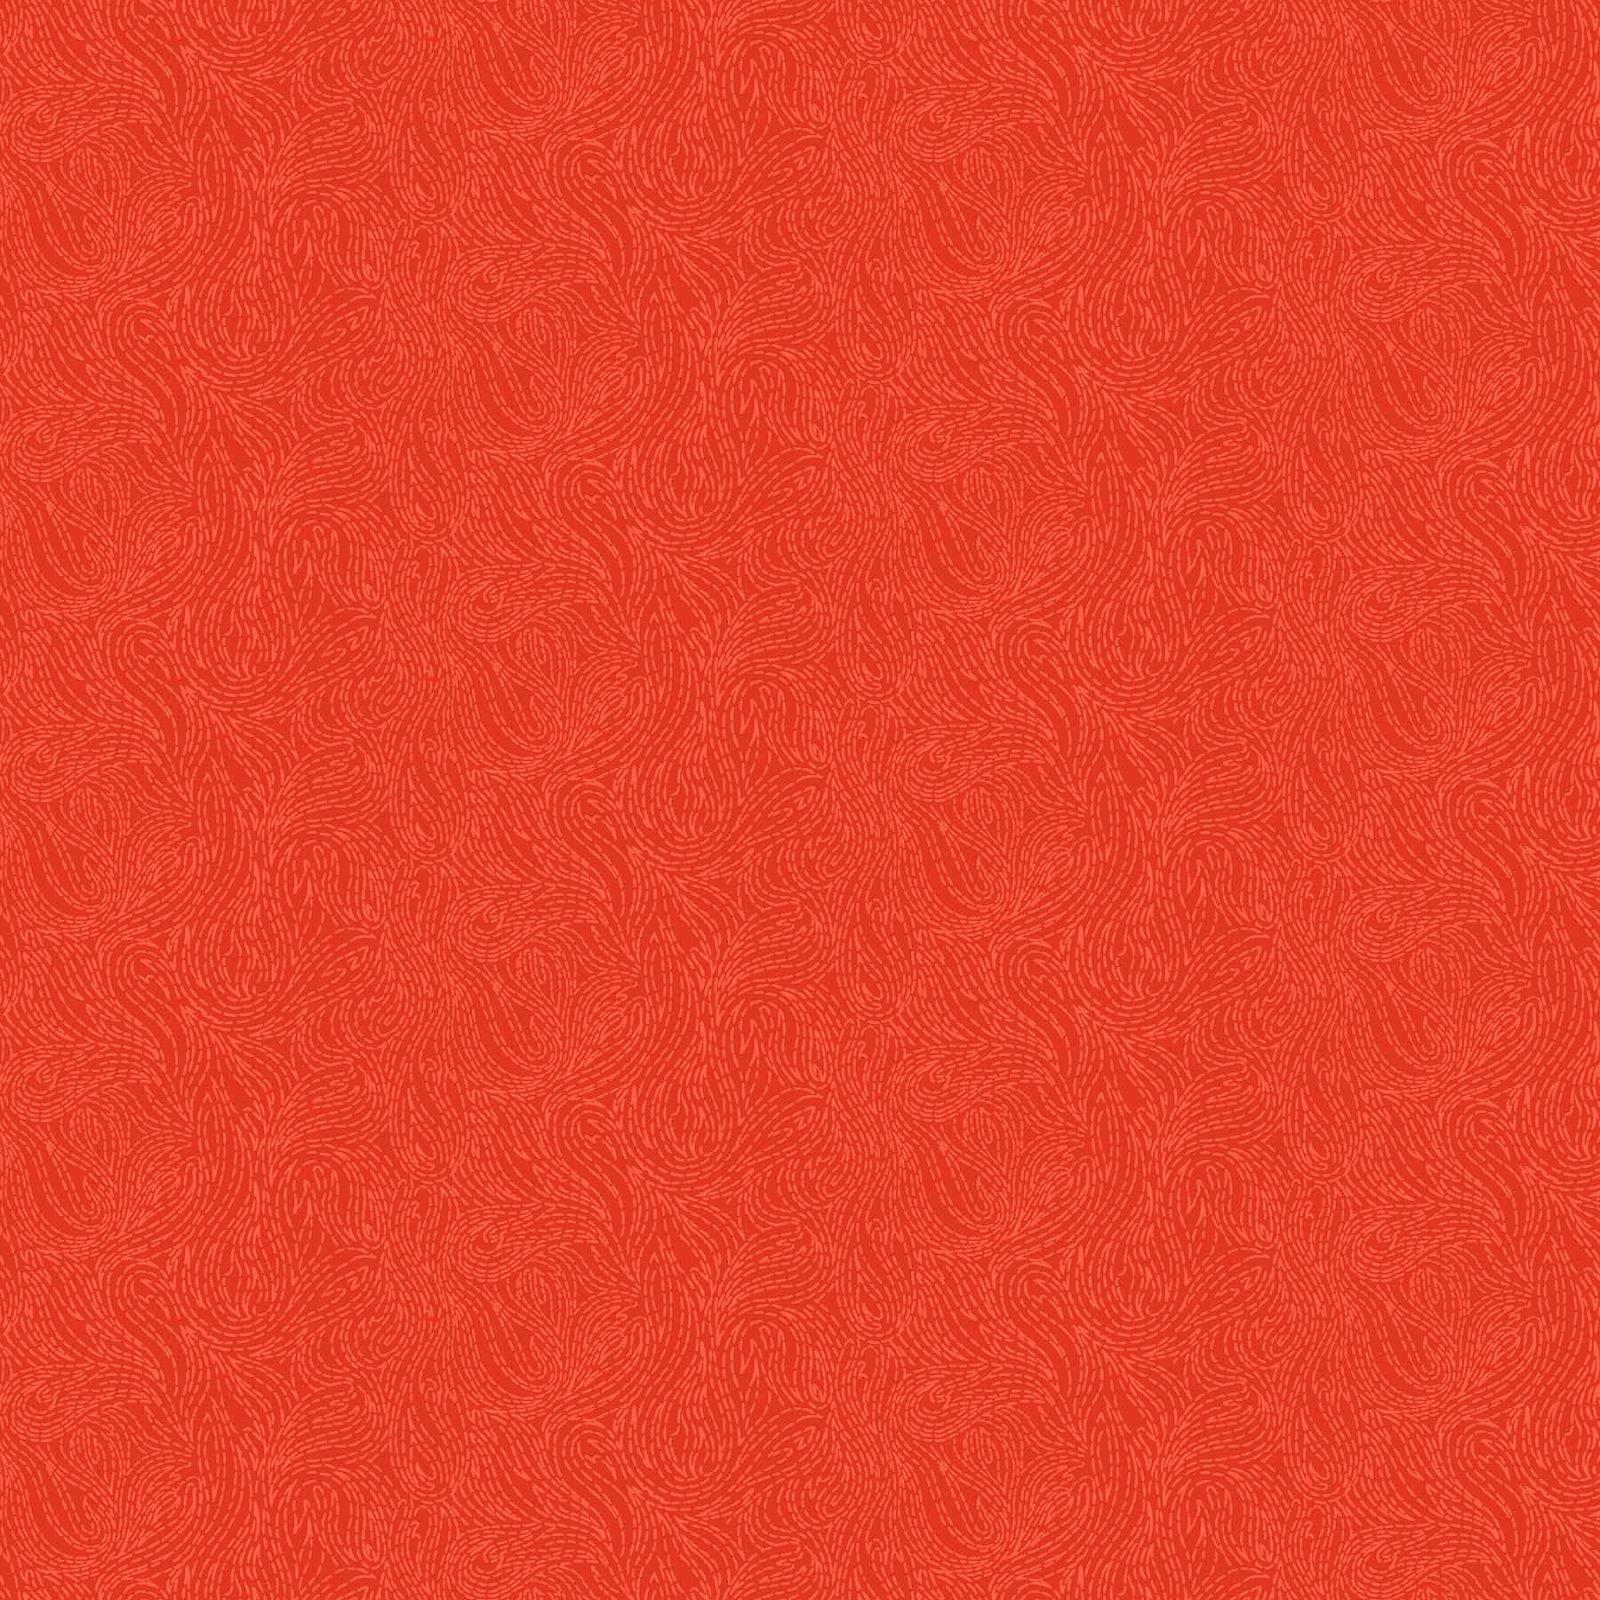 Elements by Ghazal Razavi - Fire - Red